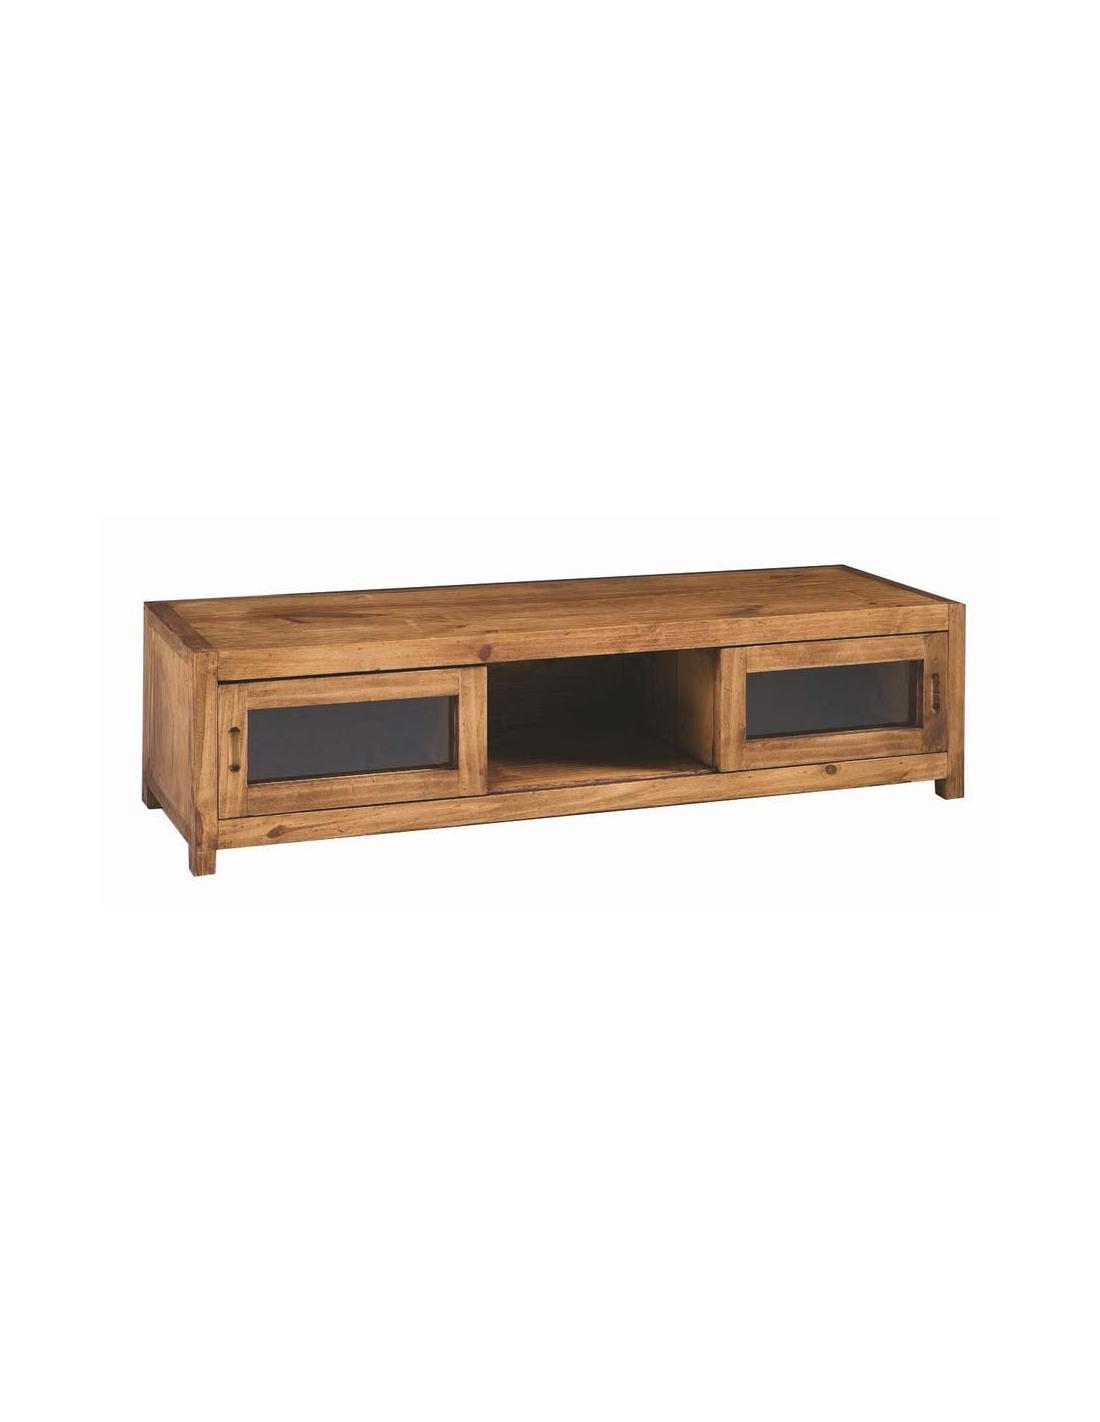 Comprar mueble tv de madera estilo rustico de 125 cm - Muebles estilo rustico ...